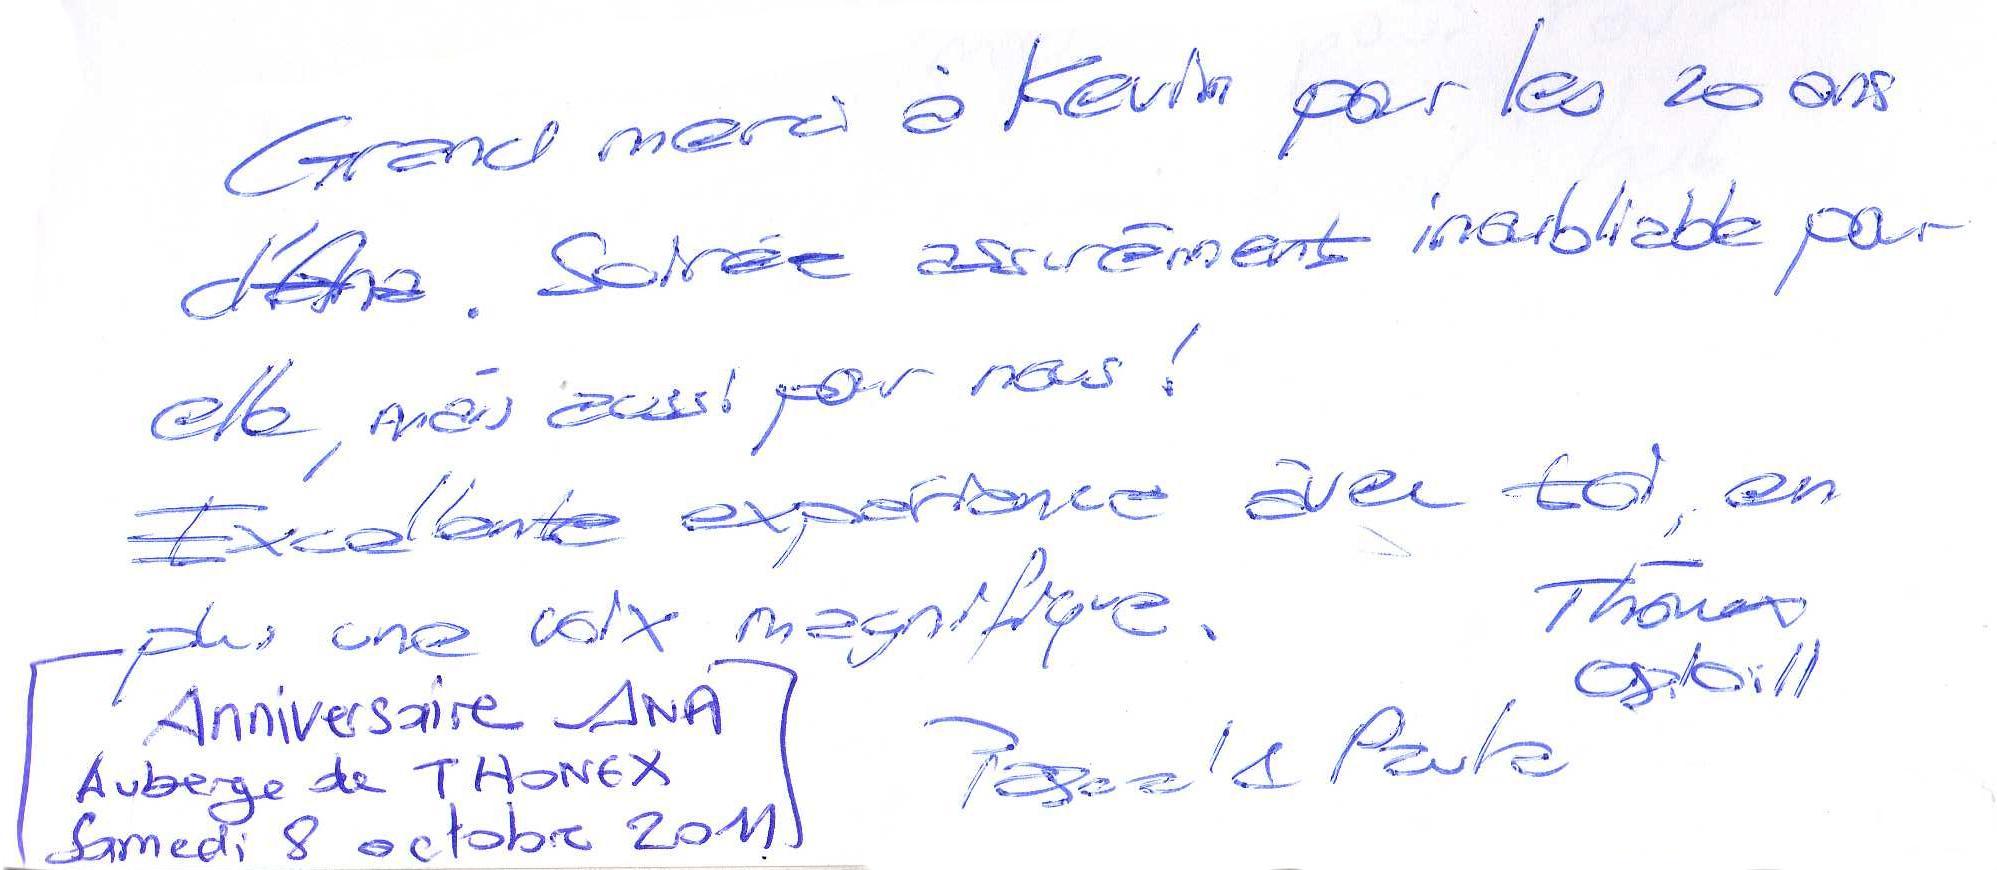 Anniversaire Ana Samedi 8 Octobre 2011.jpg